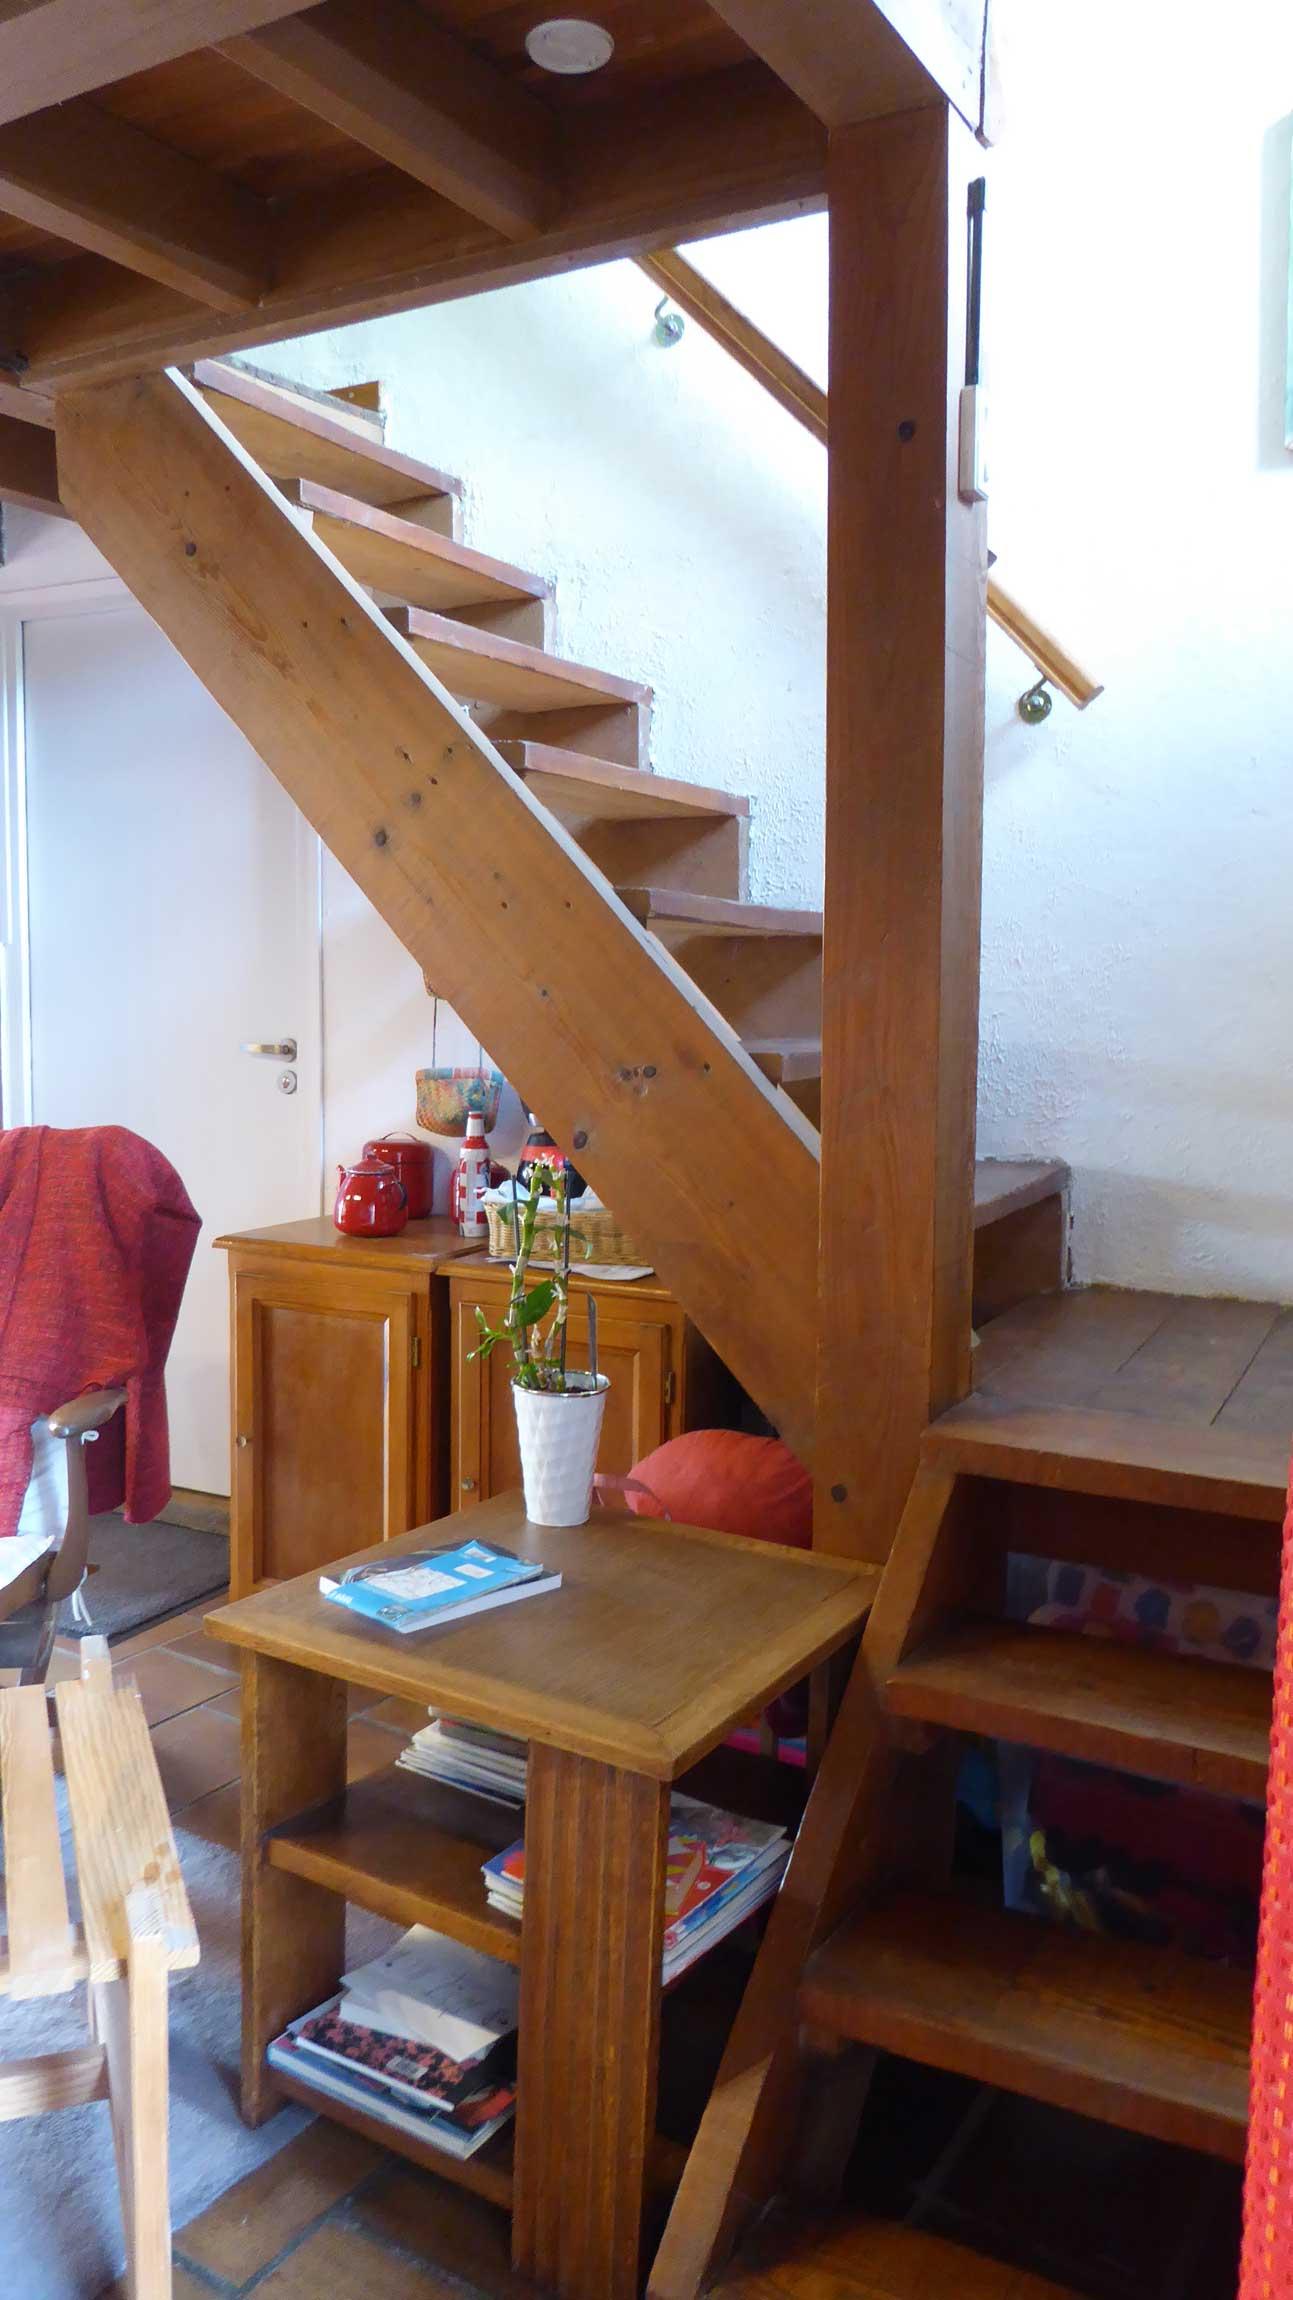 gite-la-fond-acces-etage-escalier